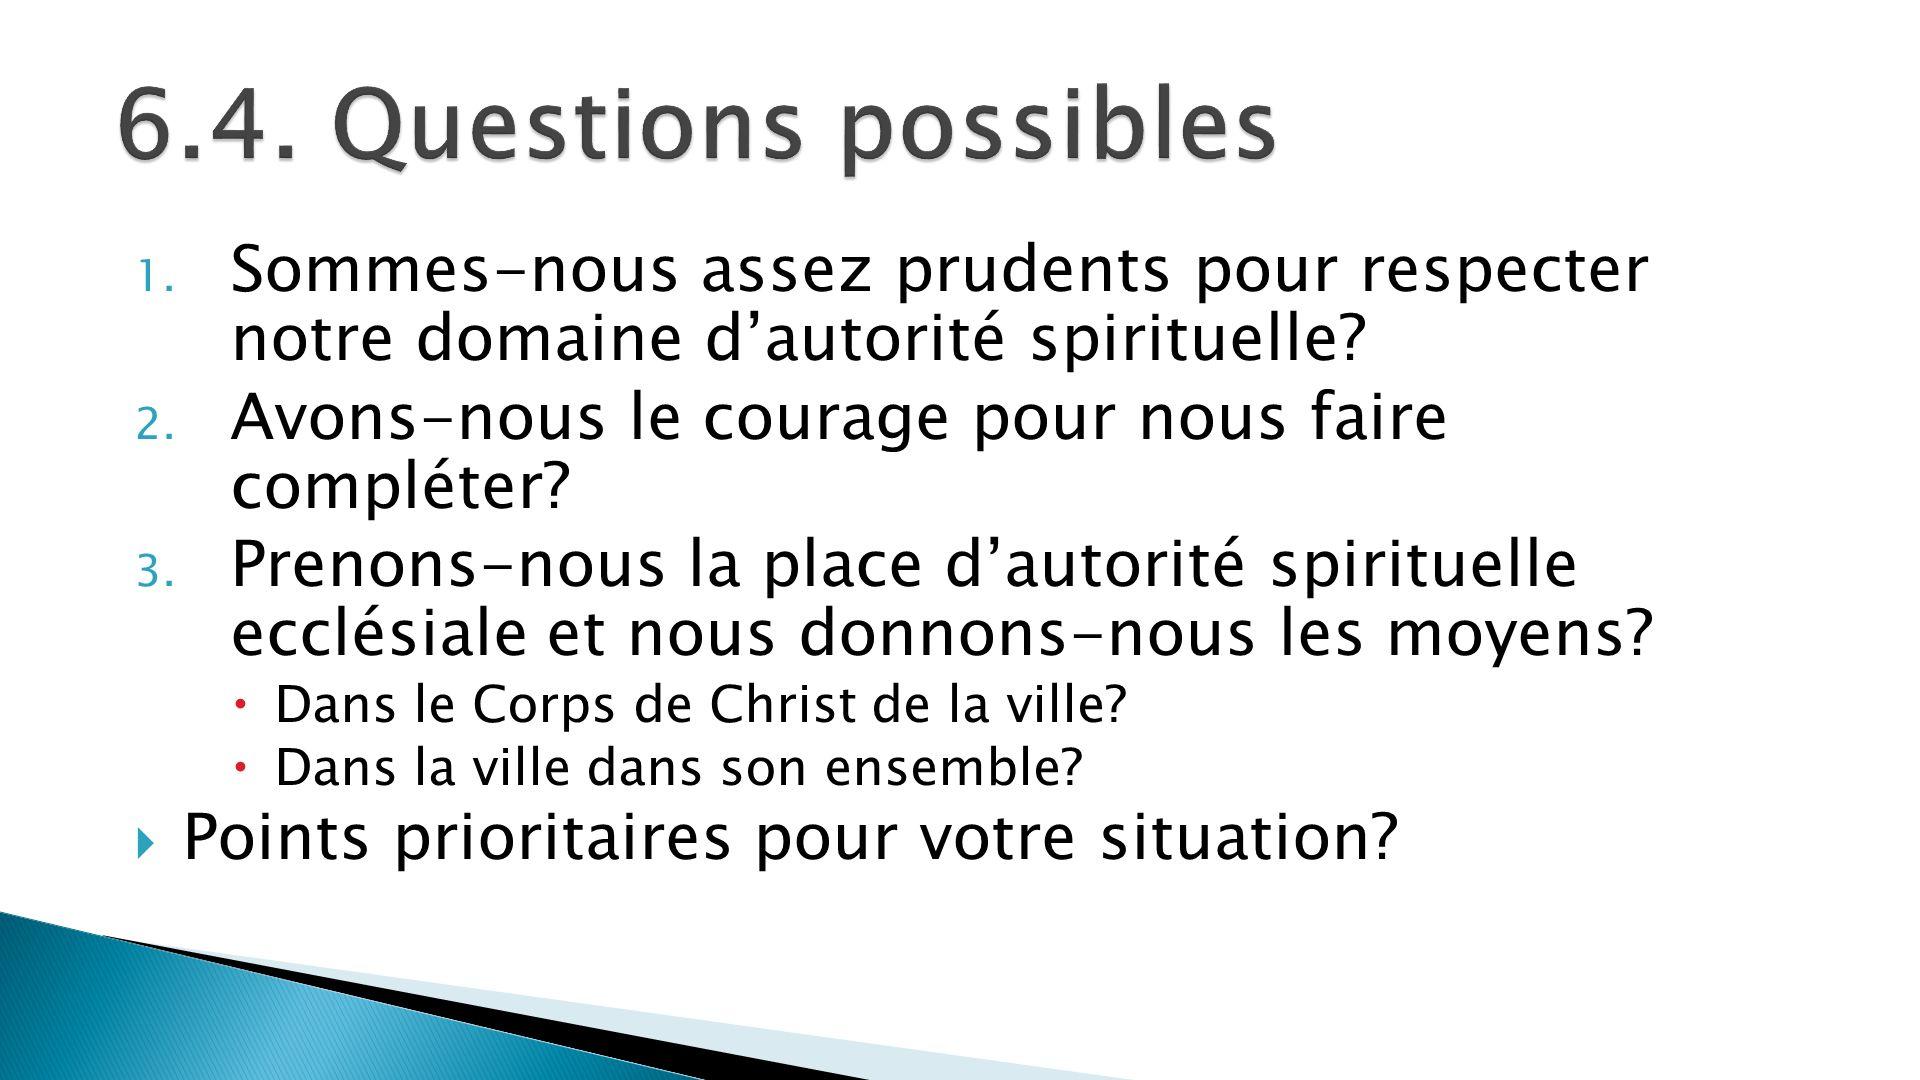 6.4. Questions possibles Sommes-nous assez prudents pour respecter notre domaine d'autorité spirituelle